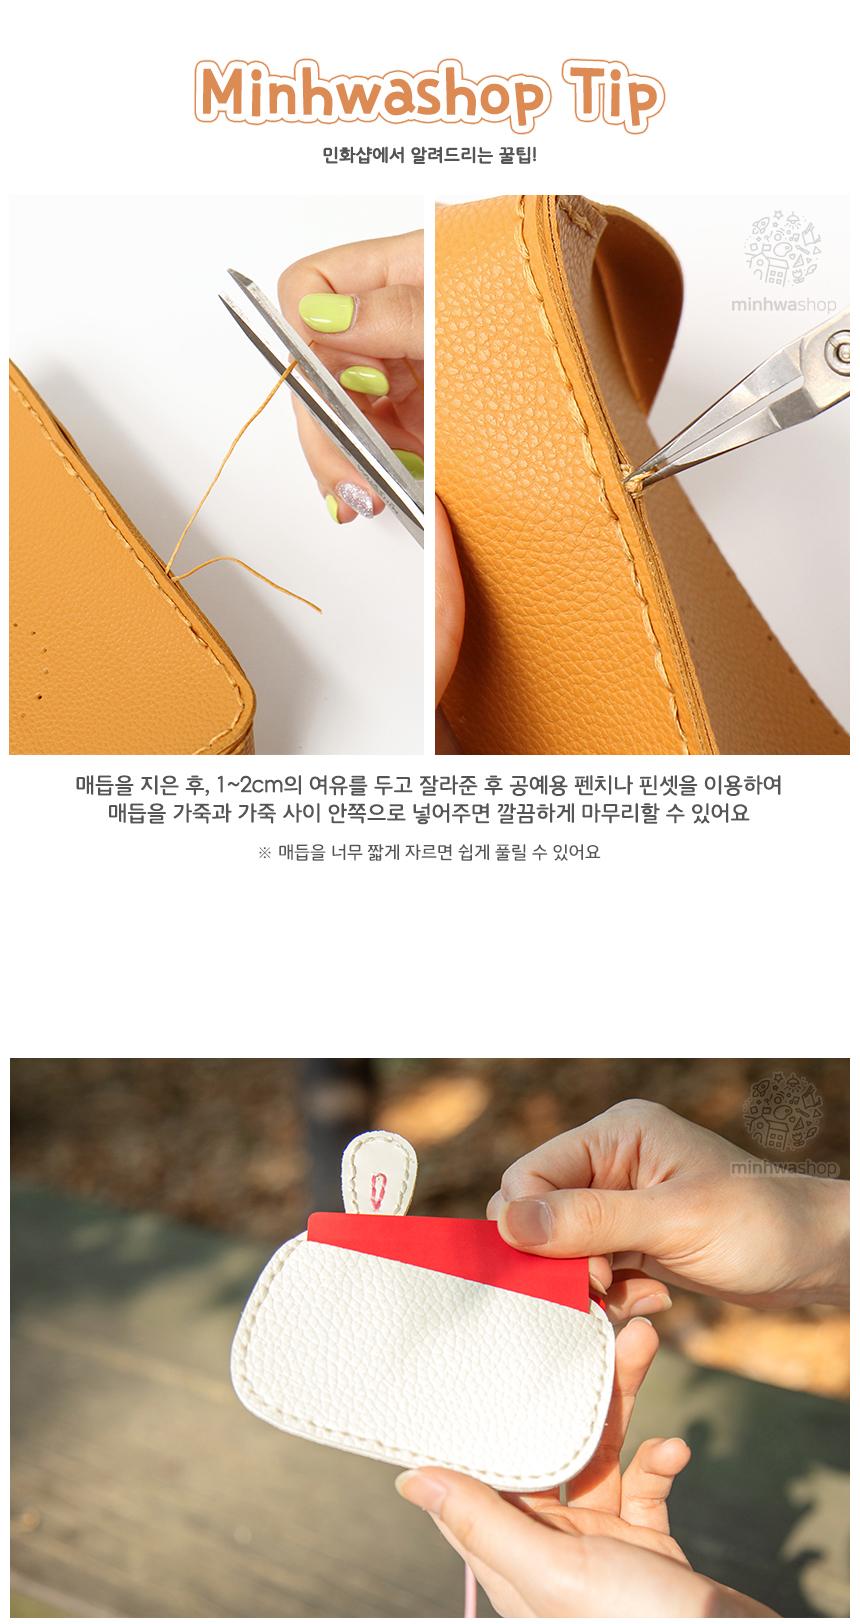 가죽 카드지갑 만들기 - 민화샵, 3,500원, 가죽공예, 가죽공예 패키지